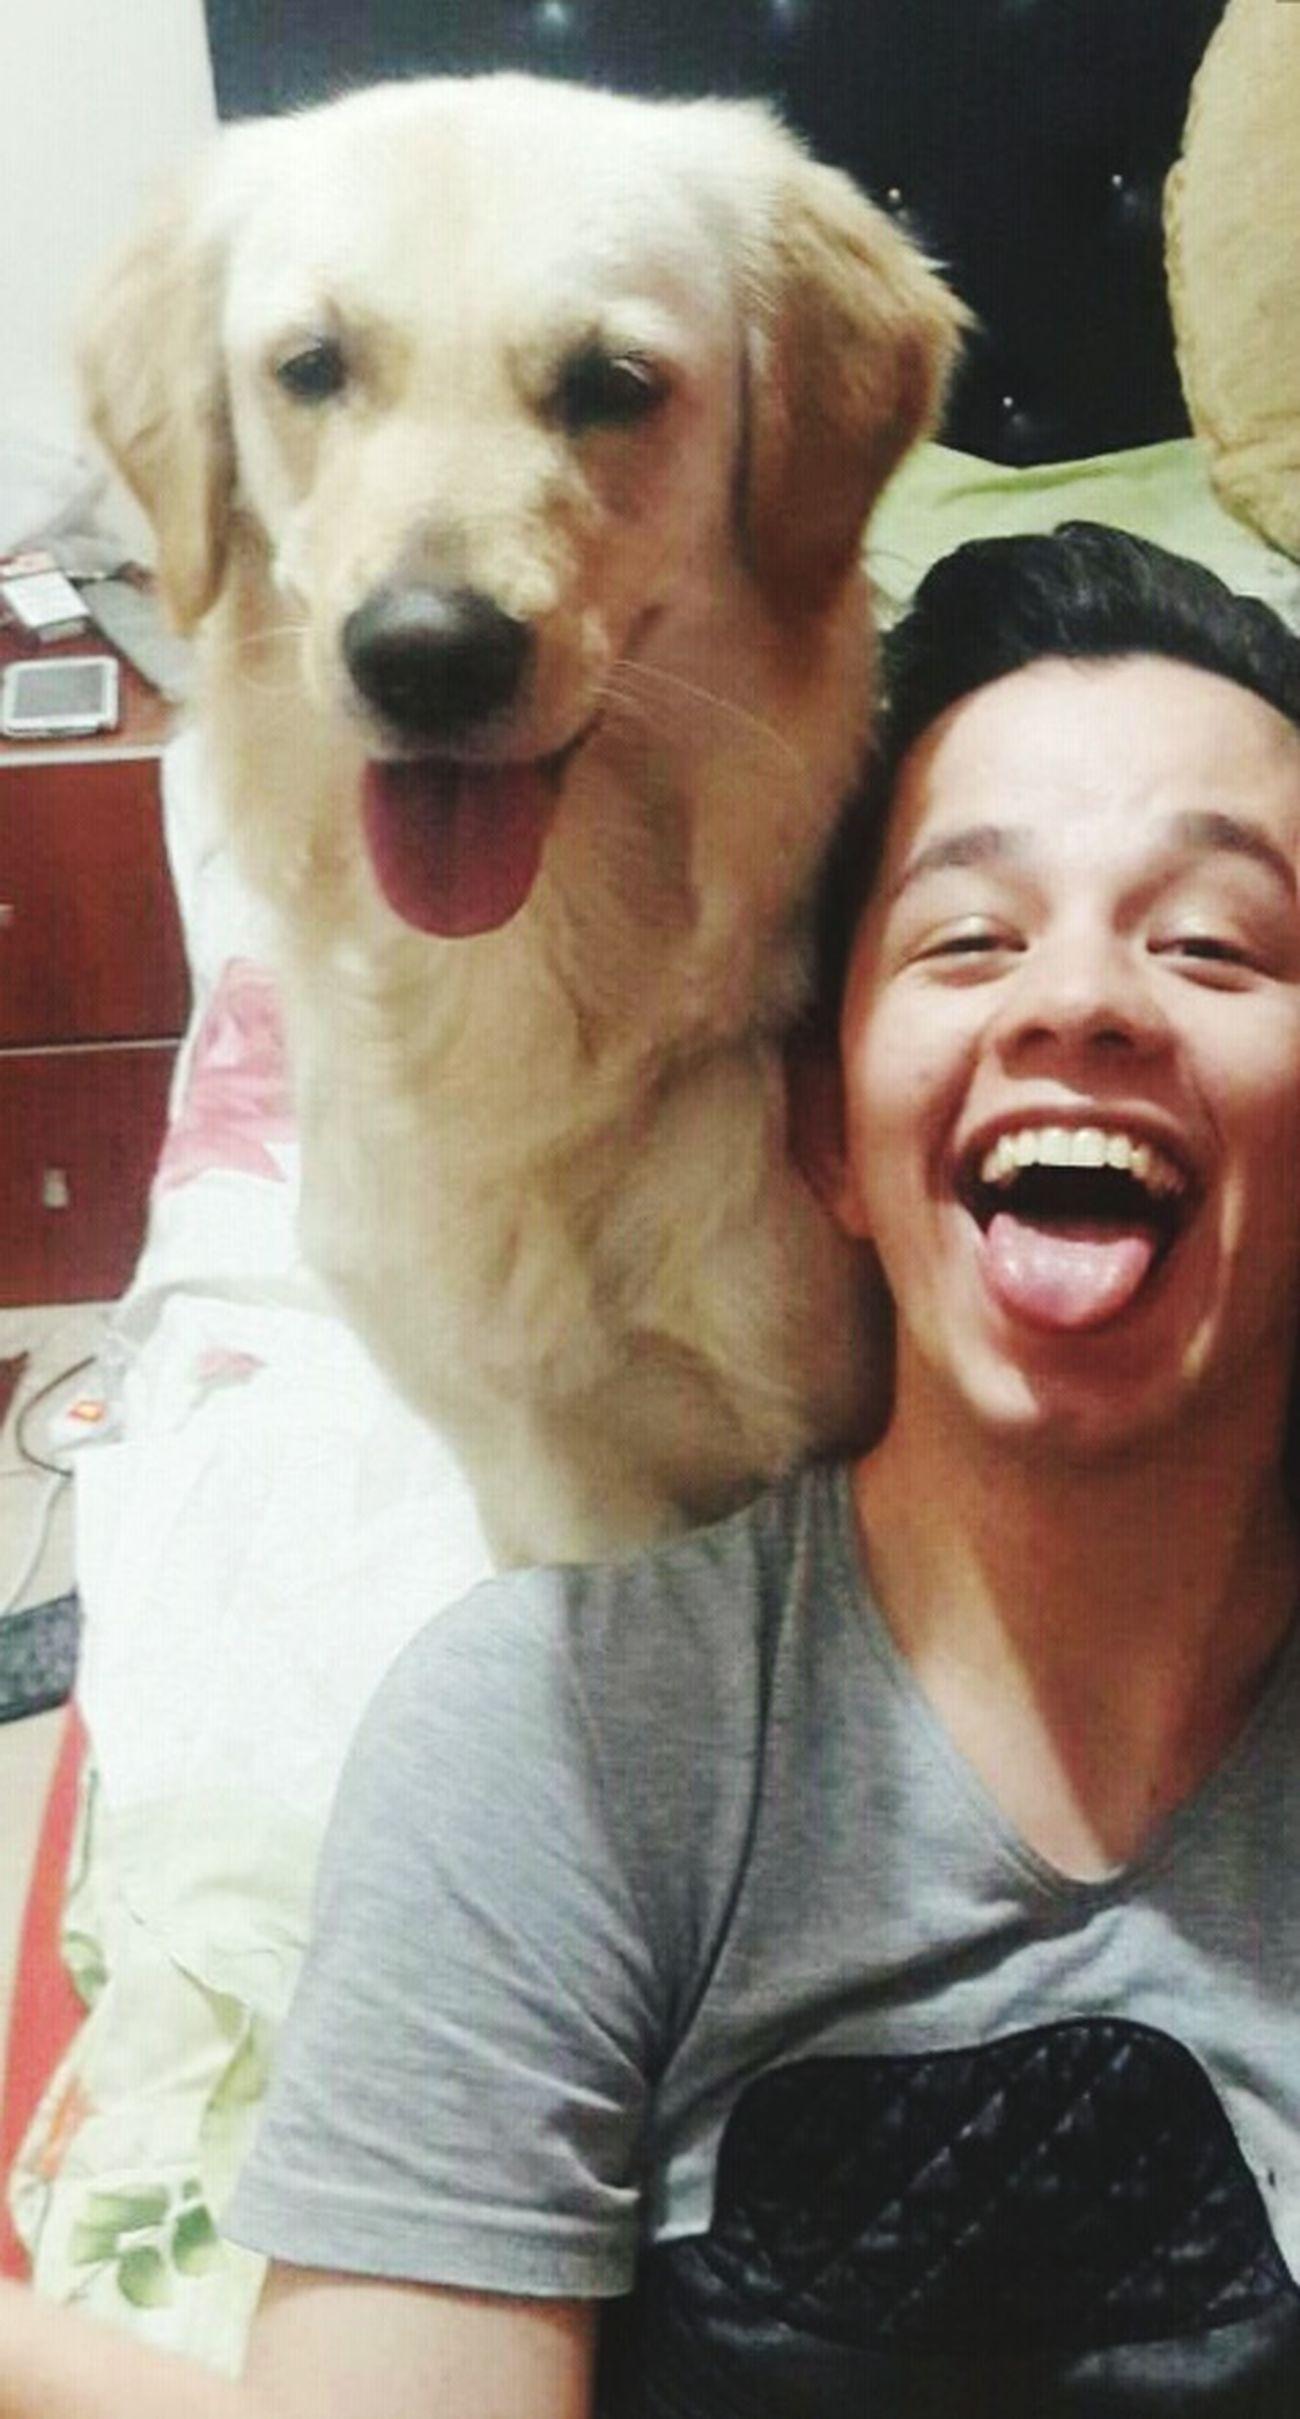 Guzel Kizim Fotograf Selfie ✌ Yapariz Dog Love Mydog♡ Eskişehir şirintepe Mahallesi That's Me